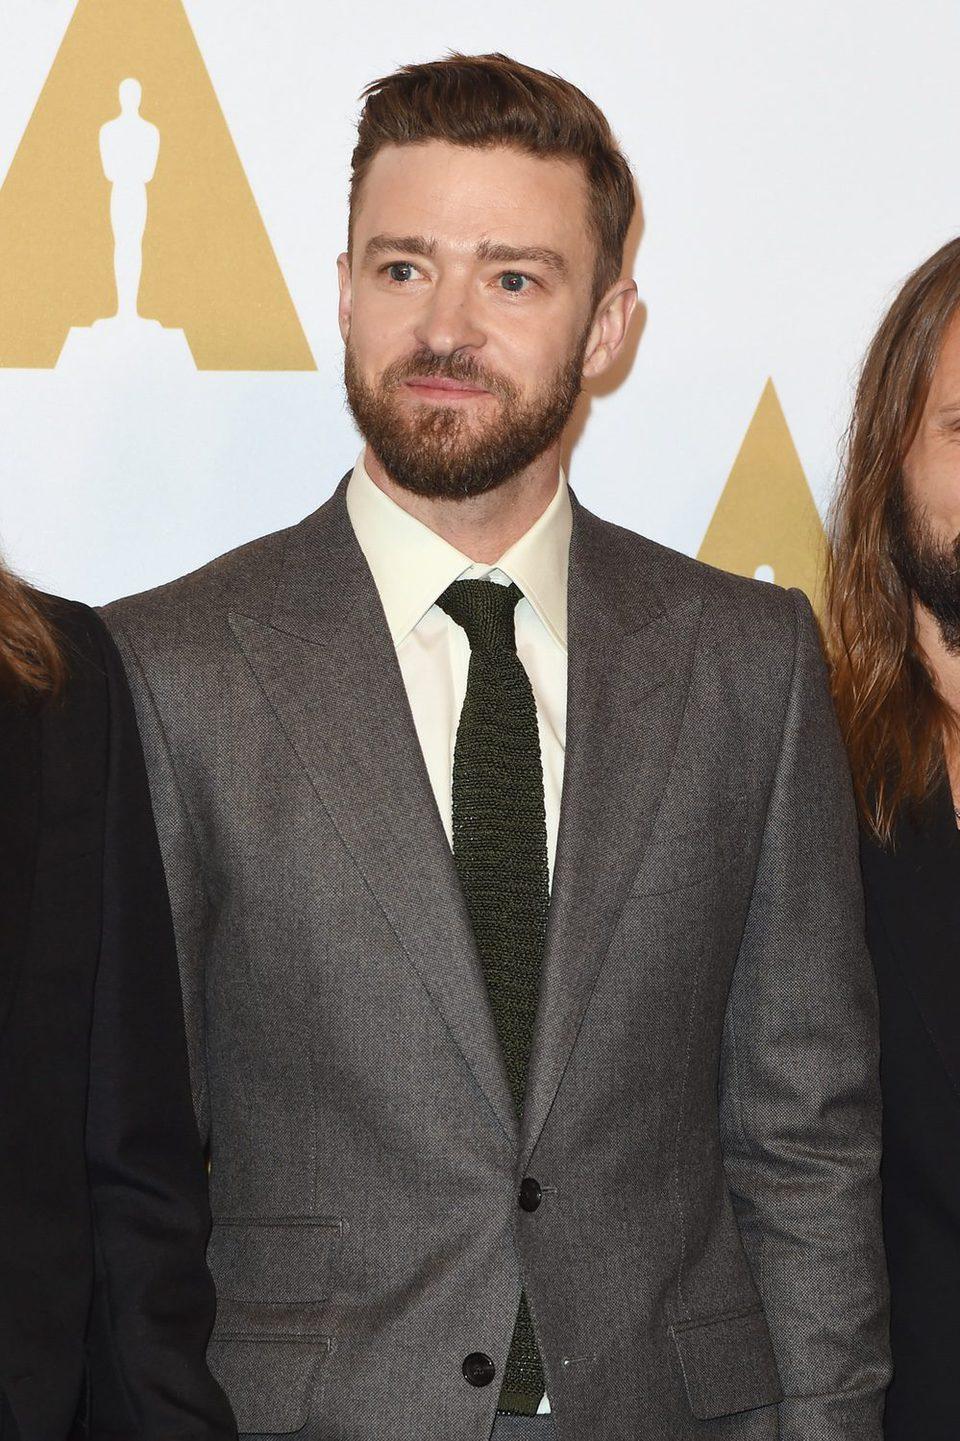 Justin Timberlake en la Comida Anual de los Nominados en los Premios Oscar 2017